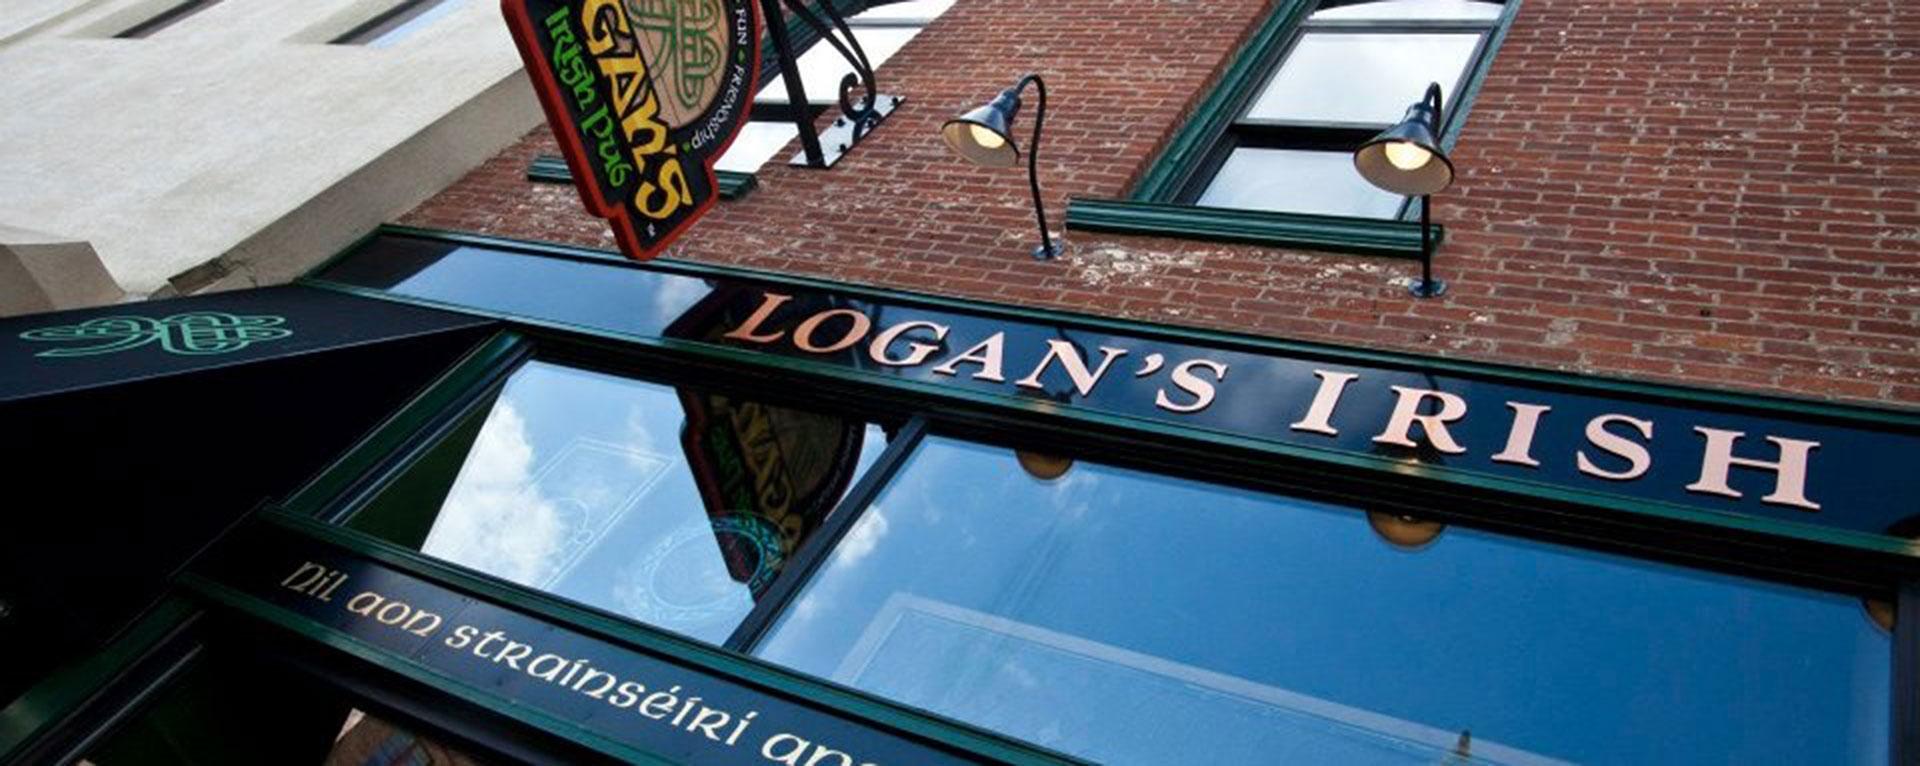 Logan's Irish Pub, Findlay, OH